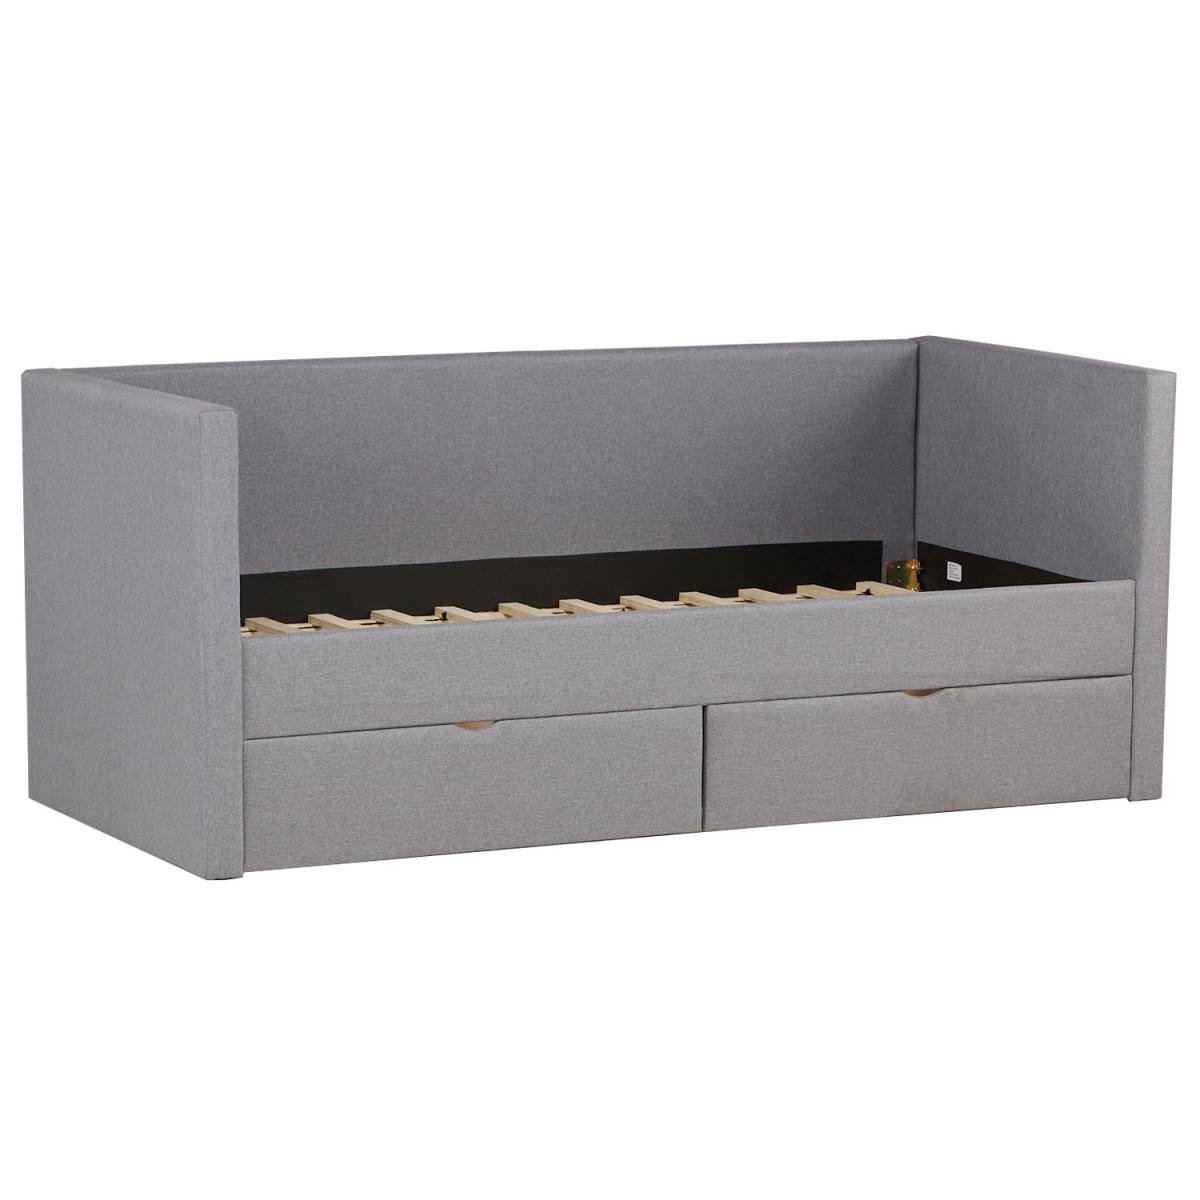 Homestyle4U Lit 90x200 avec 2 tiroirs de lit gris en tissu